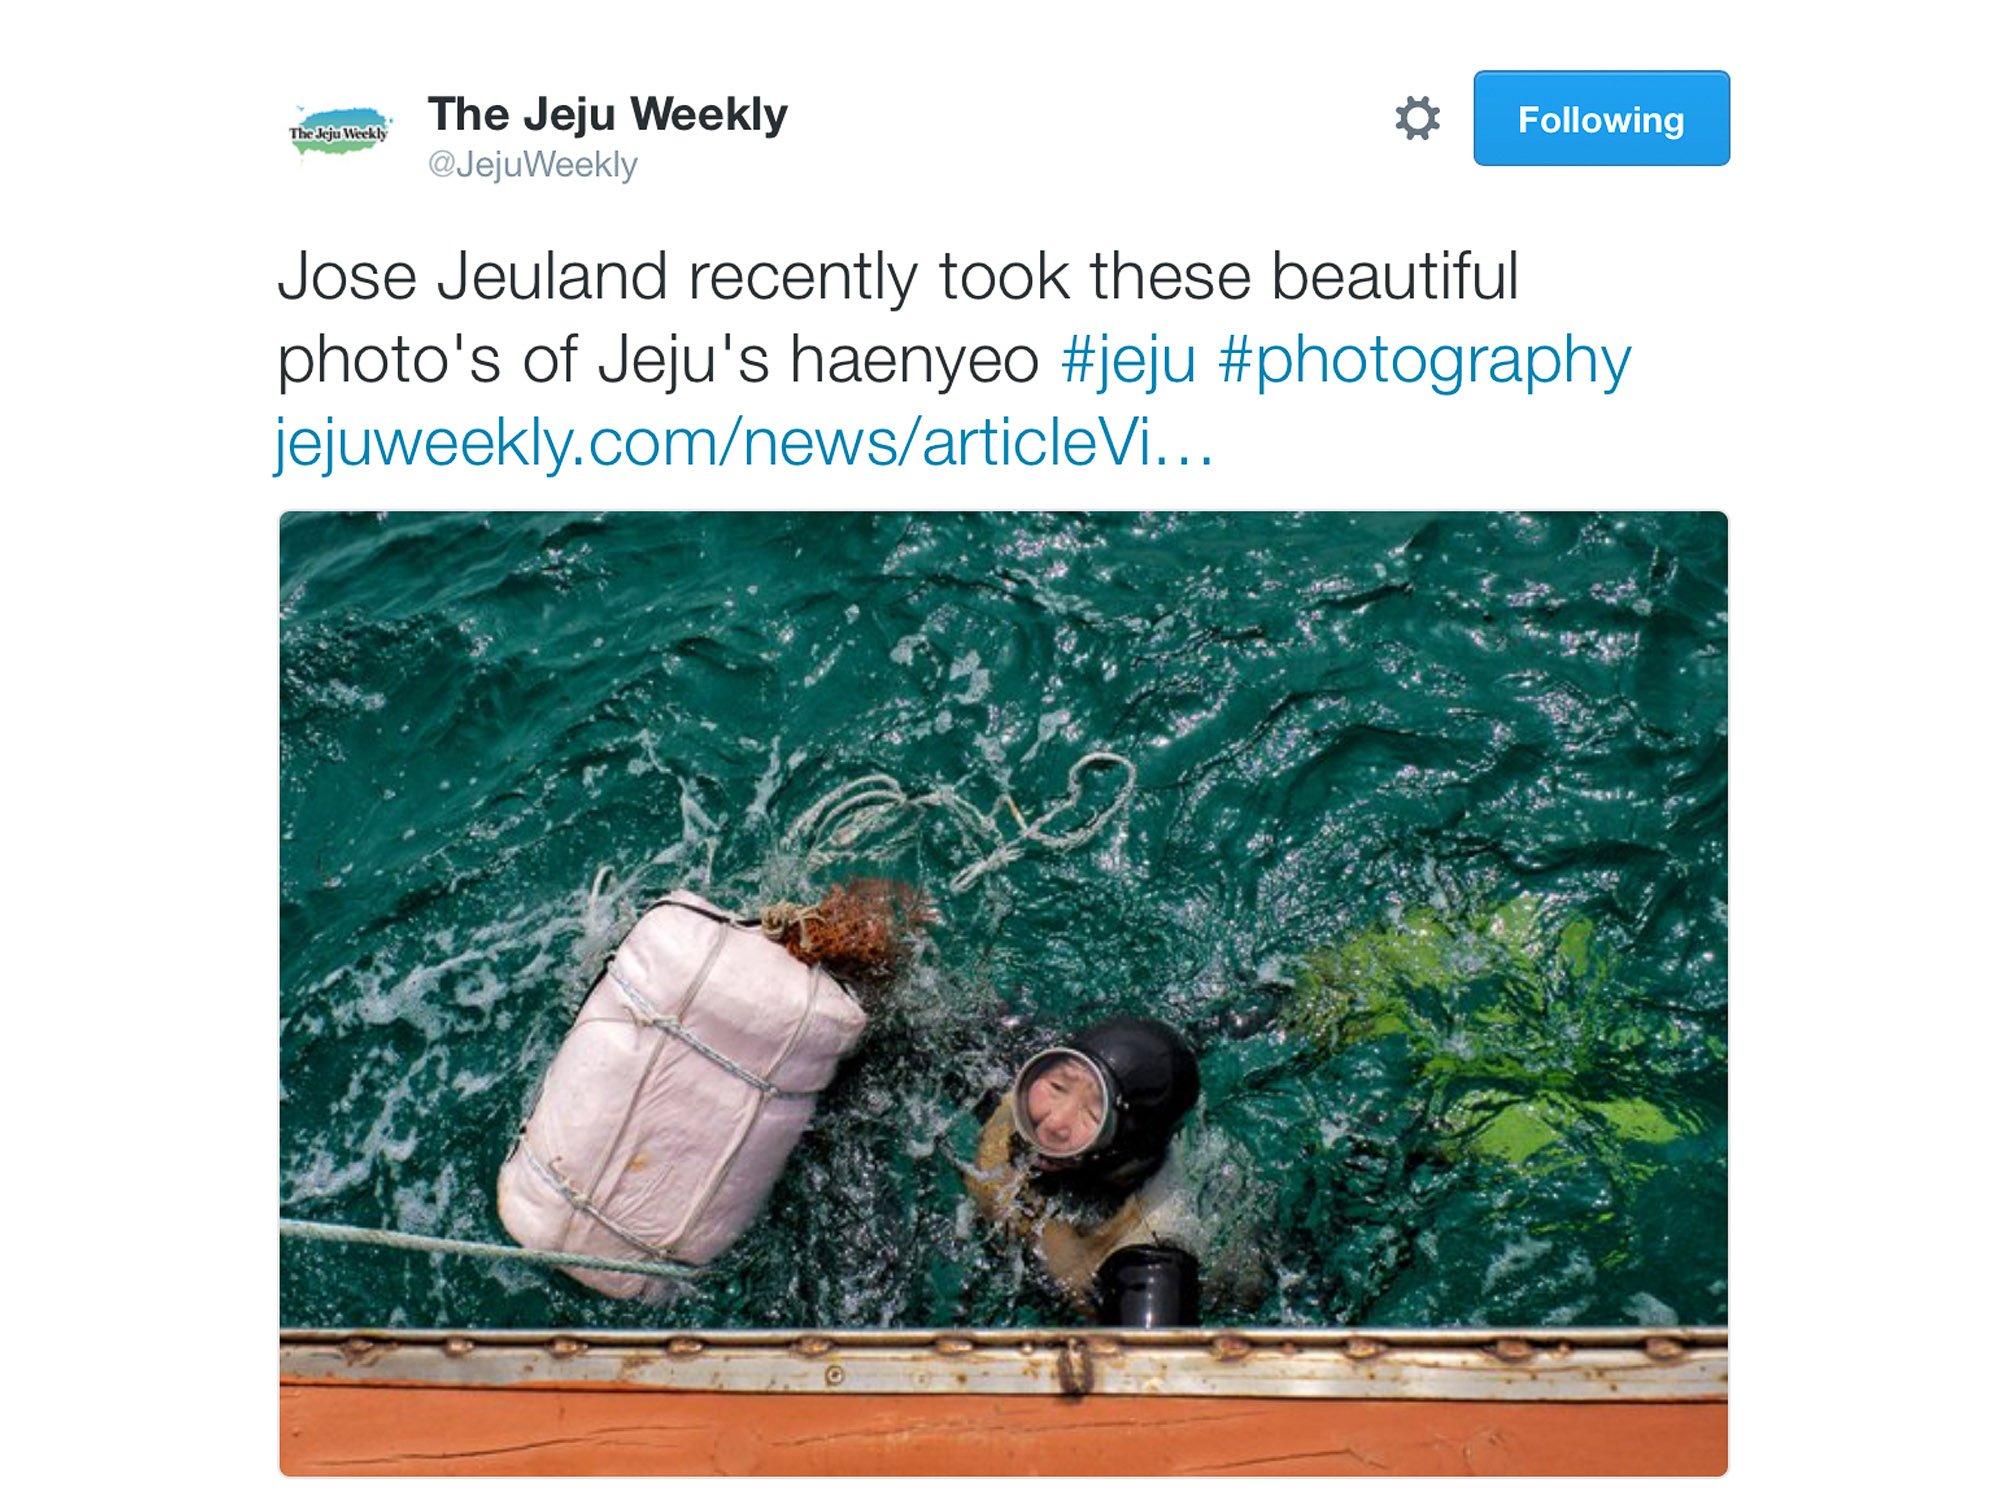 Jose Jeuland JeJu Weekly Haenyeo Article Photographer Triathlete newspaper twitter